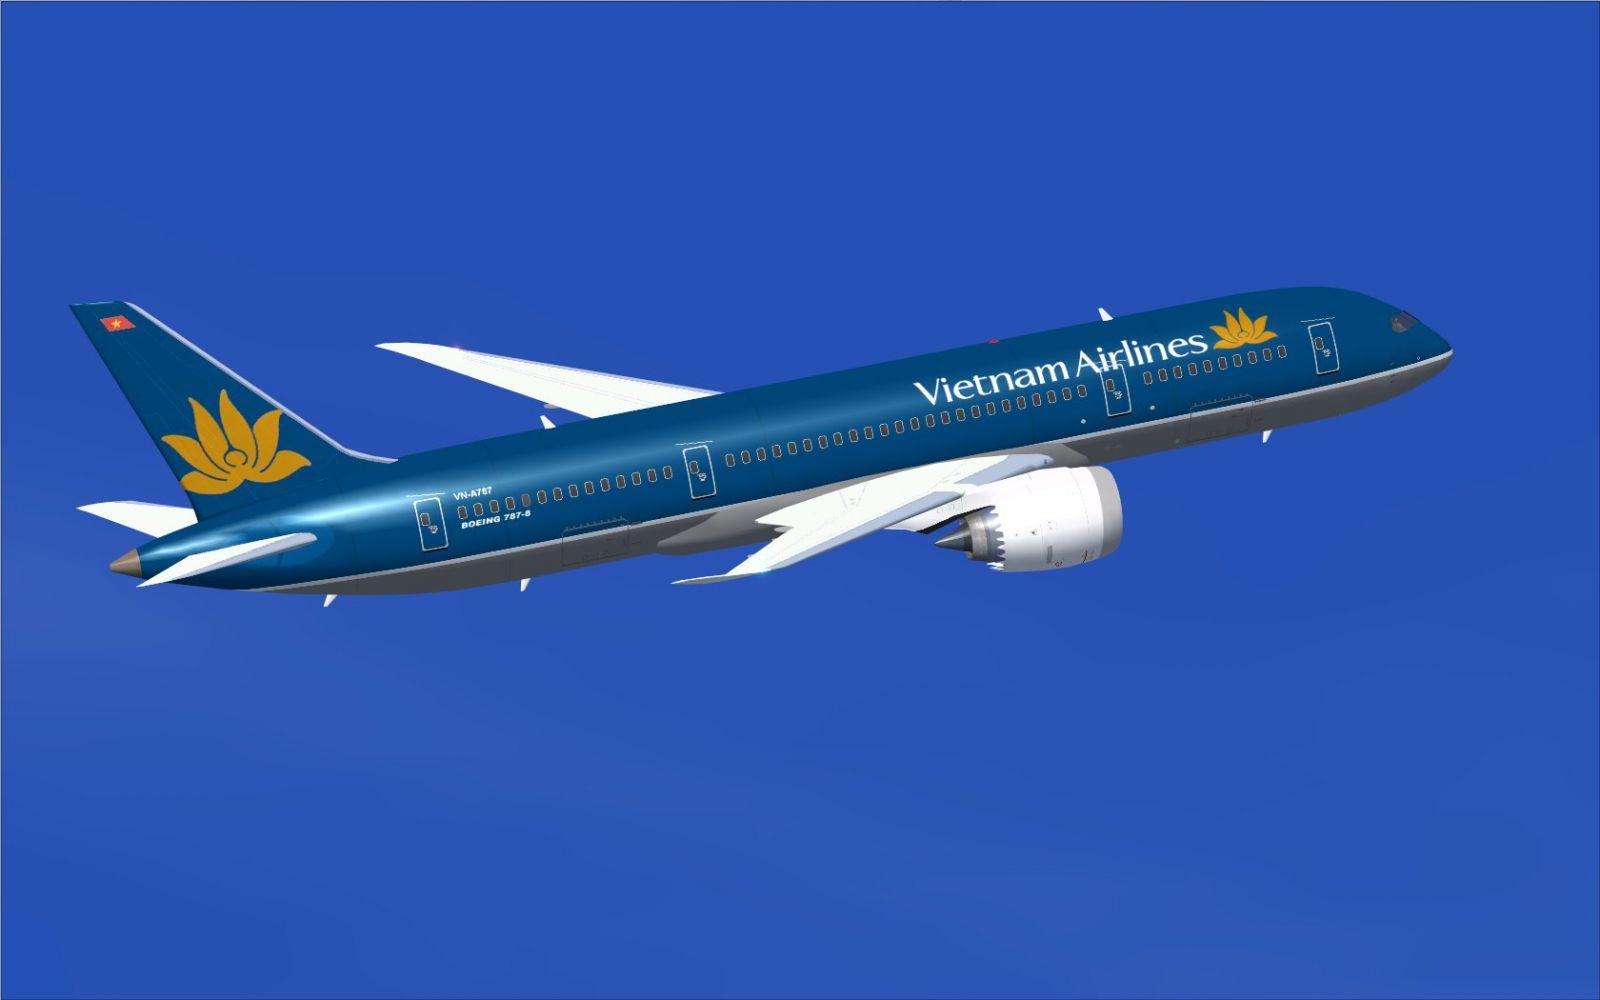 Ưu đãi HOT từ Vietnam Airlines: Đi Hồng Kông chỉ với 2,100,000Đ